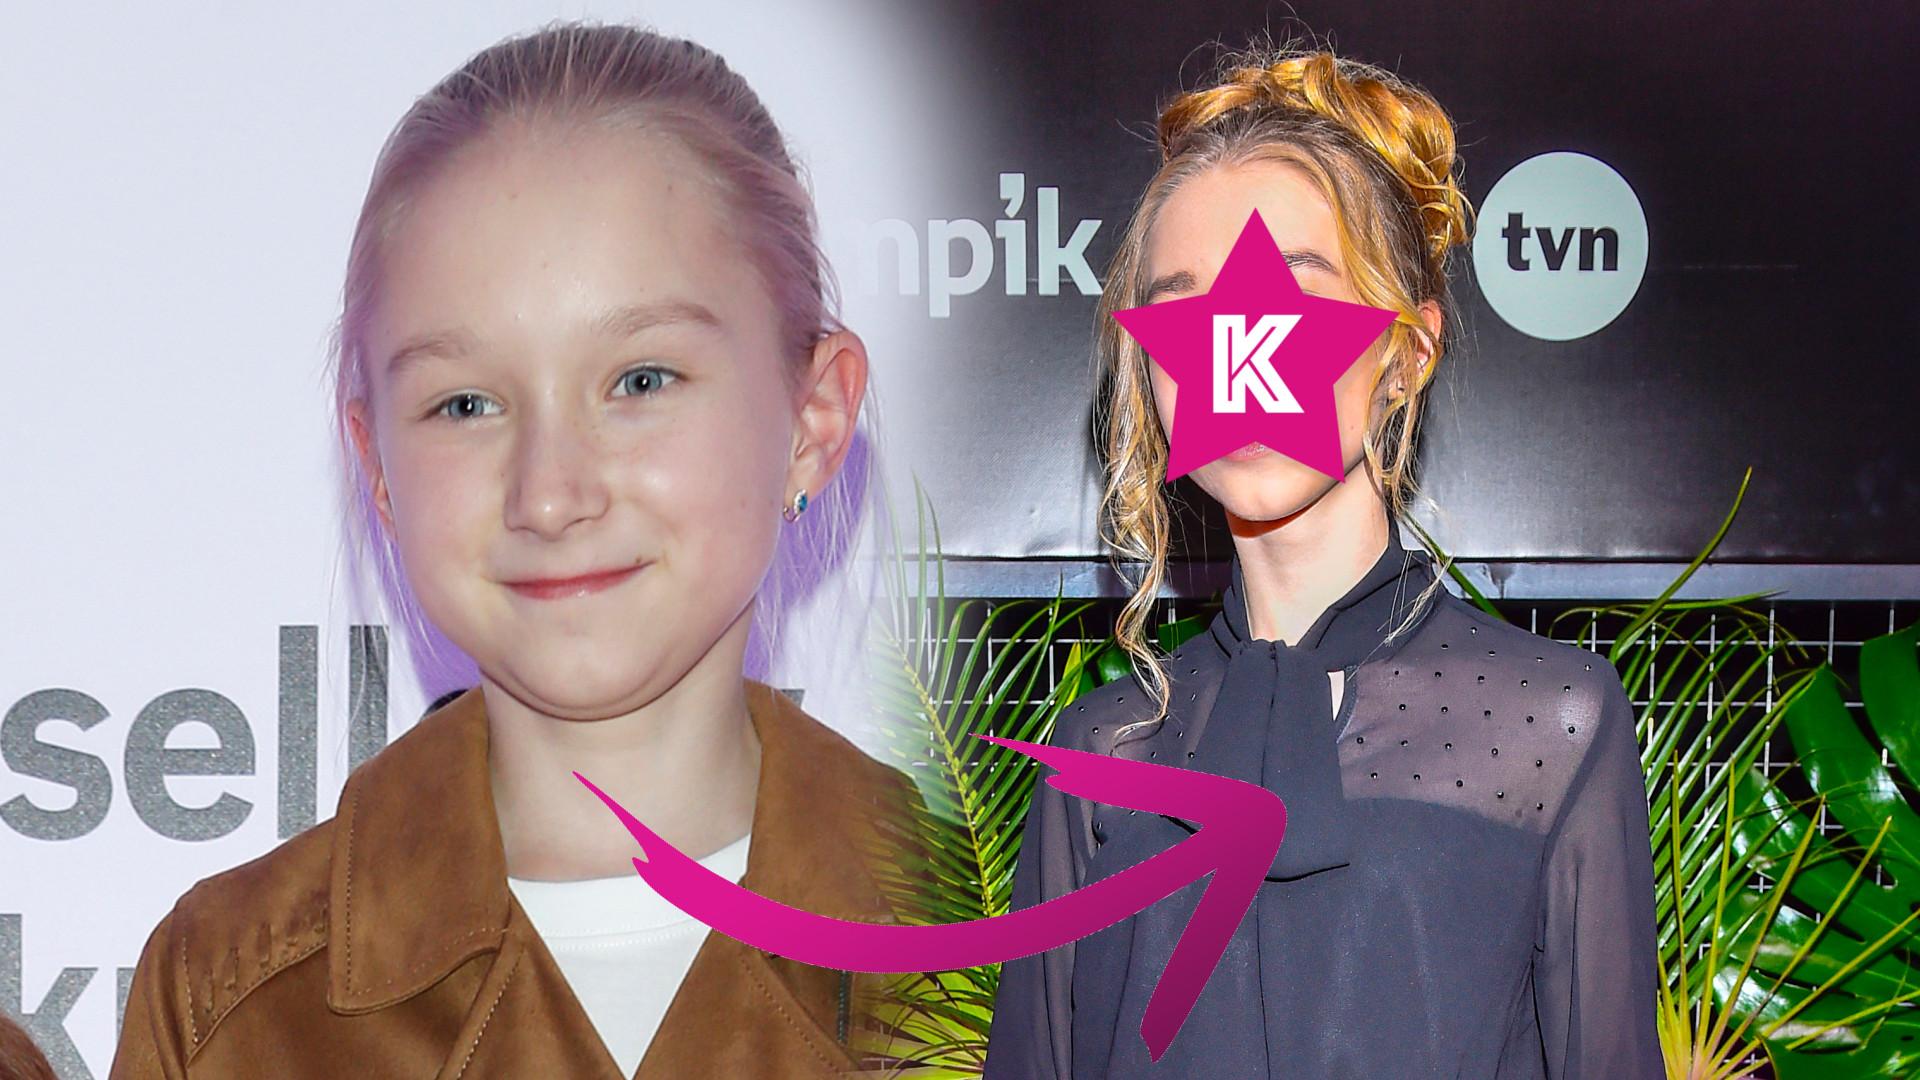 Nela mała reporterka ma już 15 lat – zobaczcie, jak się ZMIENIŁA! (ZDJĘCIA)